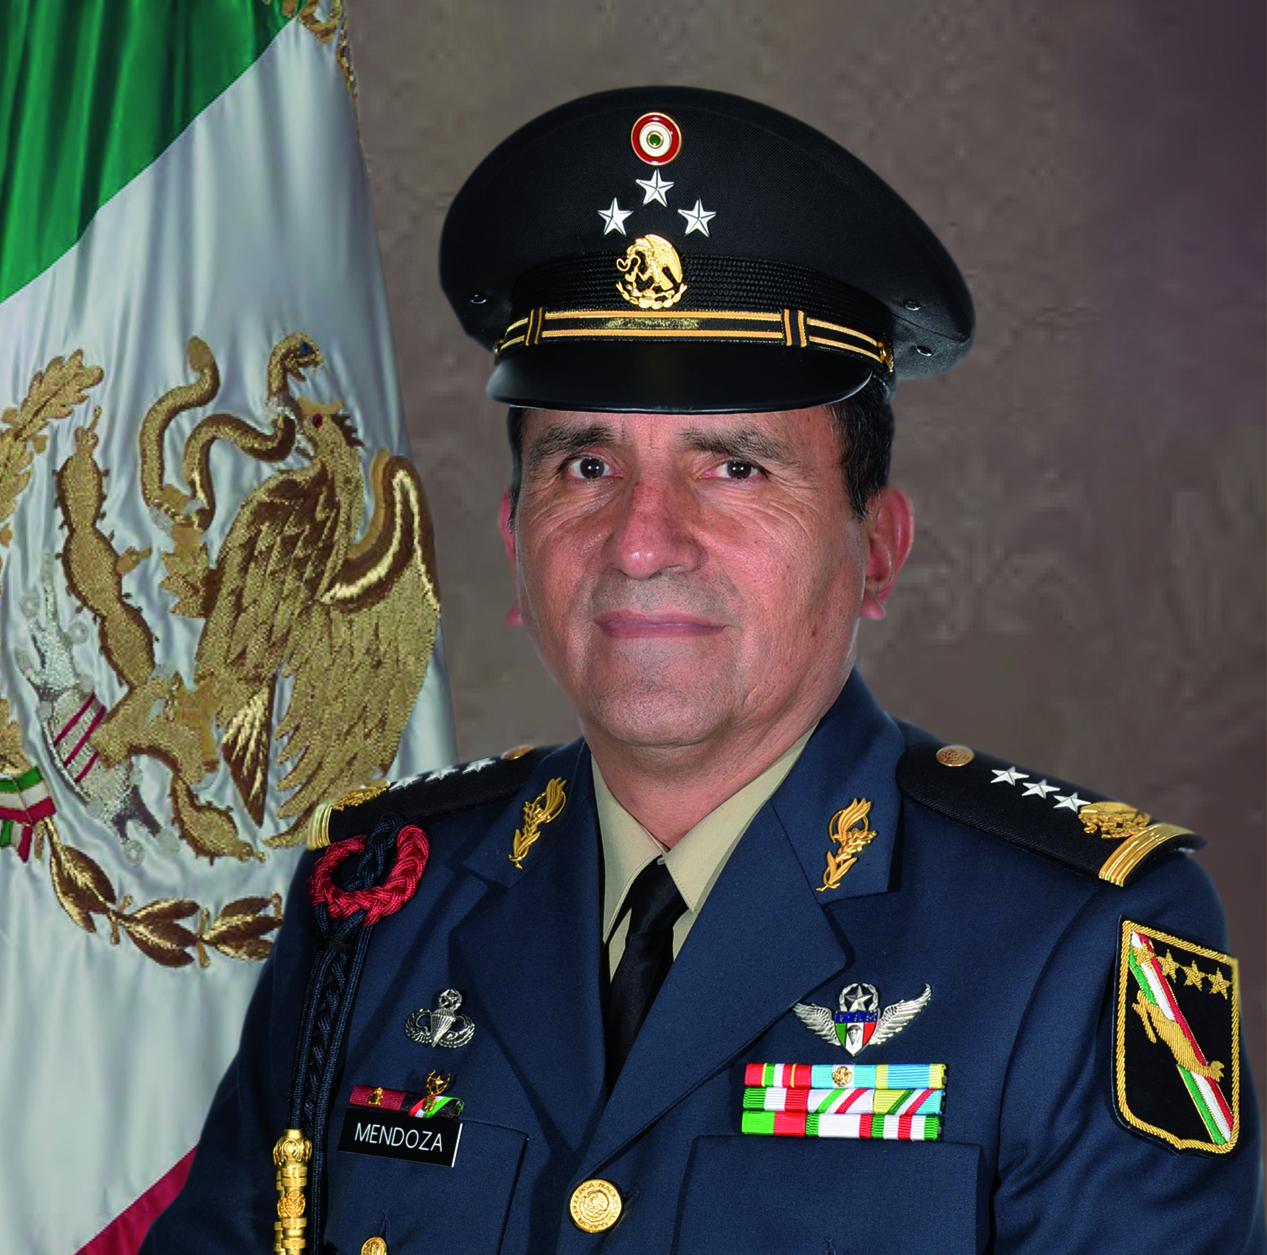 General de División Diplomado de Estado Mayor Homero Mendoza Ruiz.